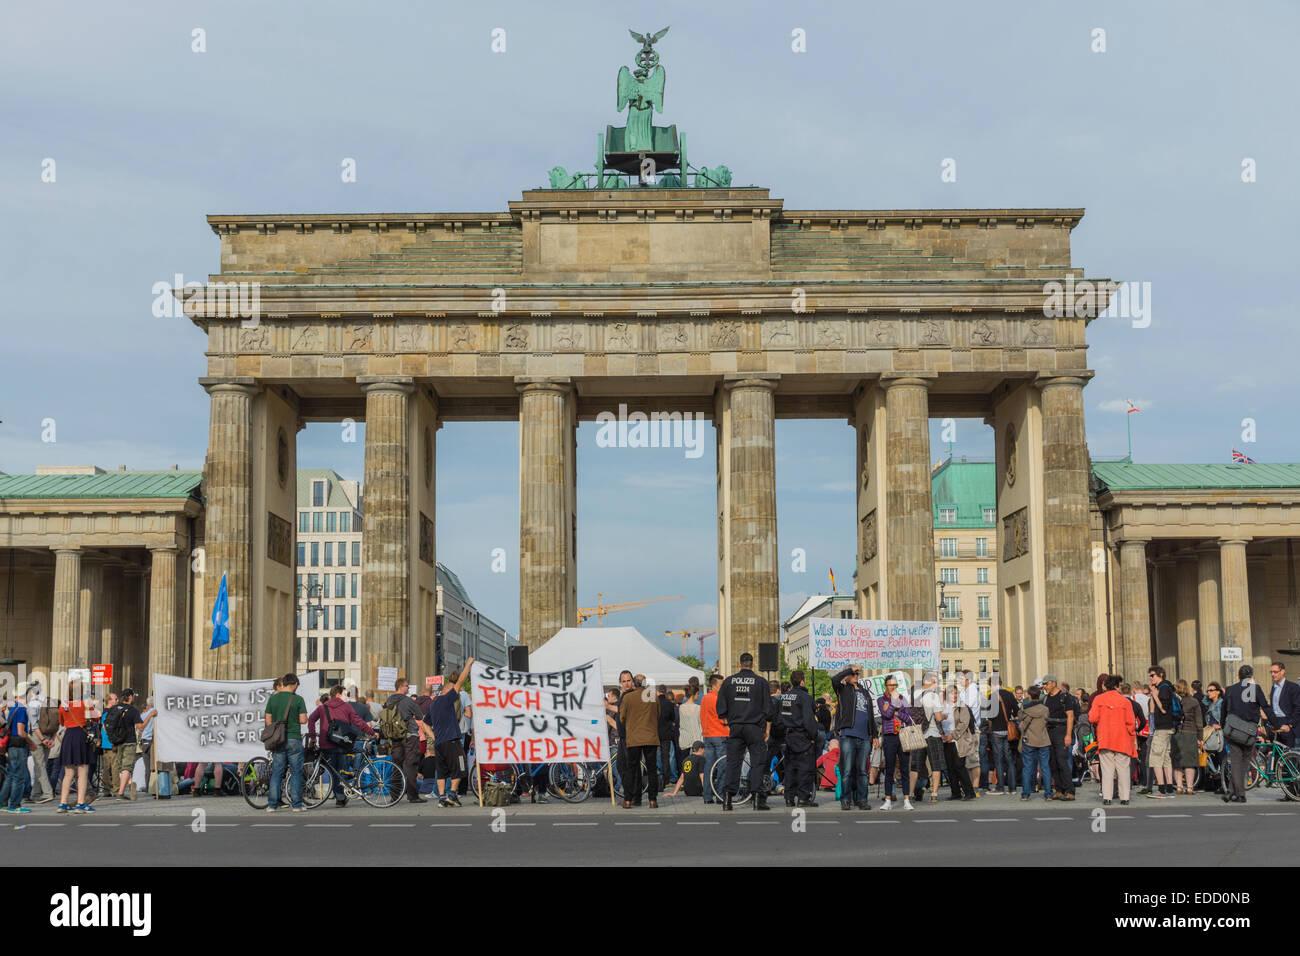 Manifestation anti-guerre à la porte de Brandebourg, Berlin, Allemagne Photo Stock